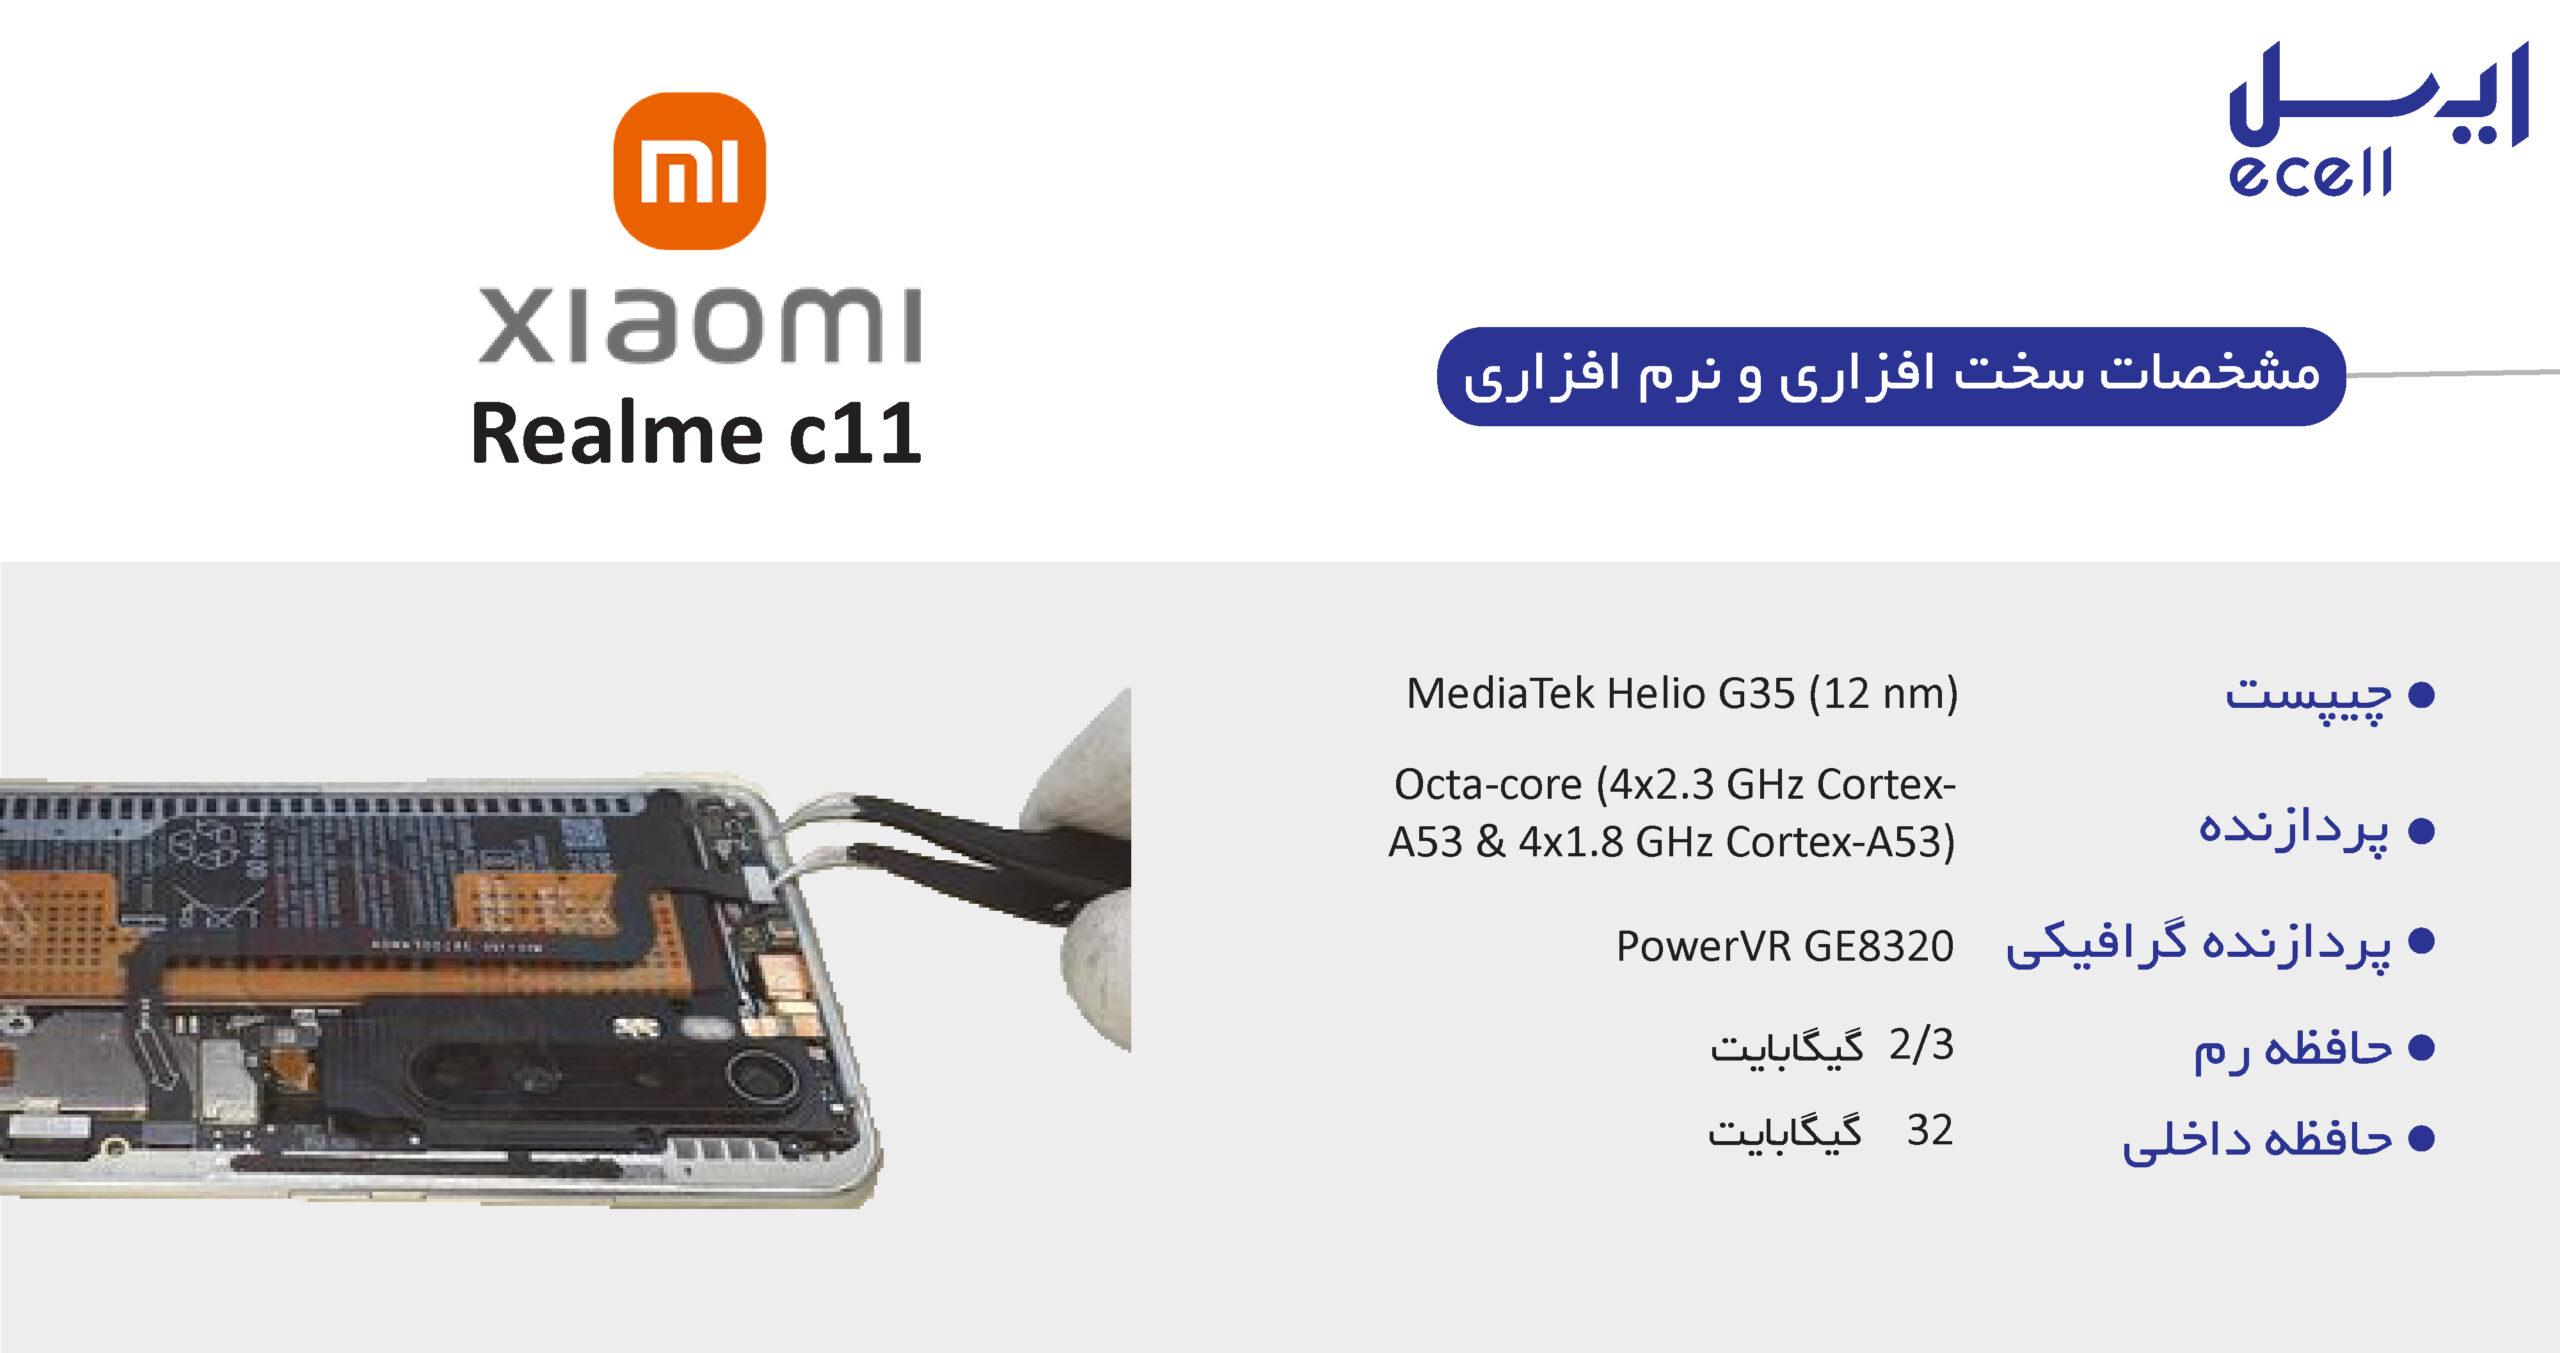 مشخصات سخت افزاری و نرم افزاری گوشی realme c11